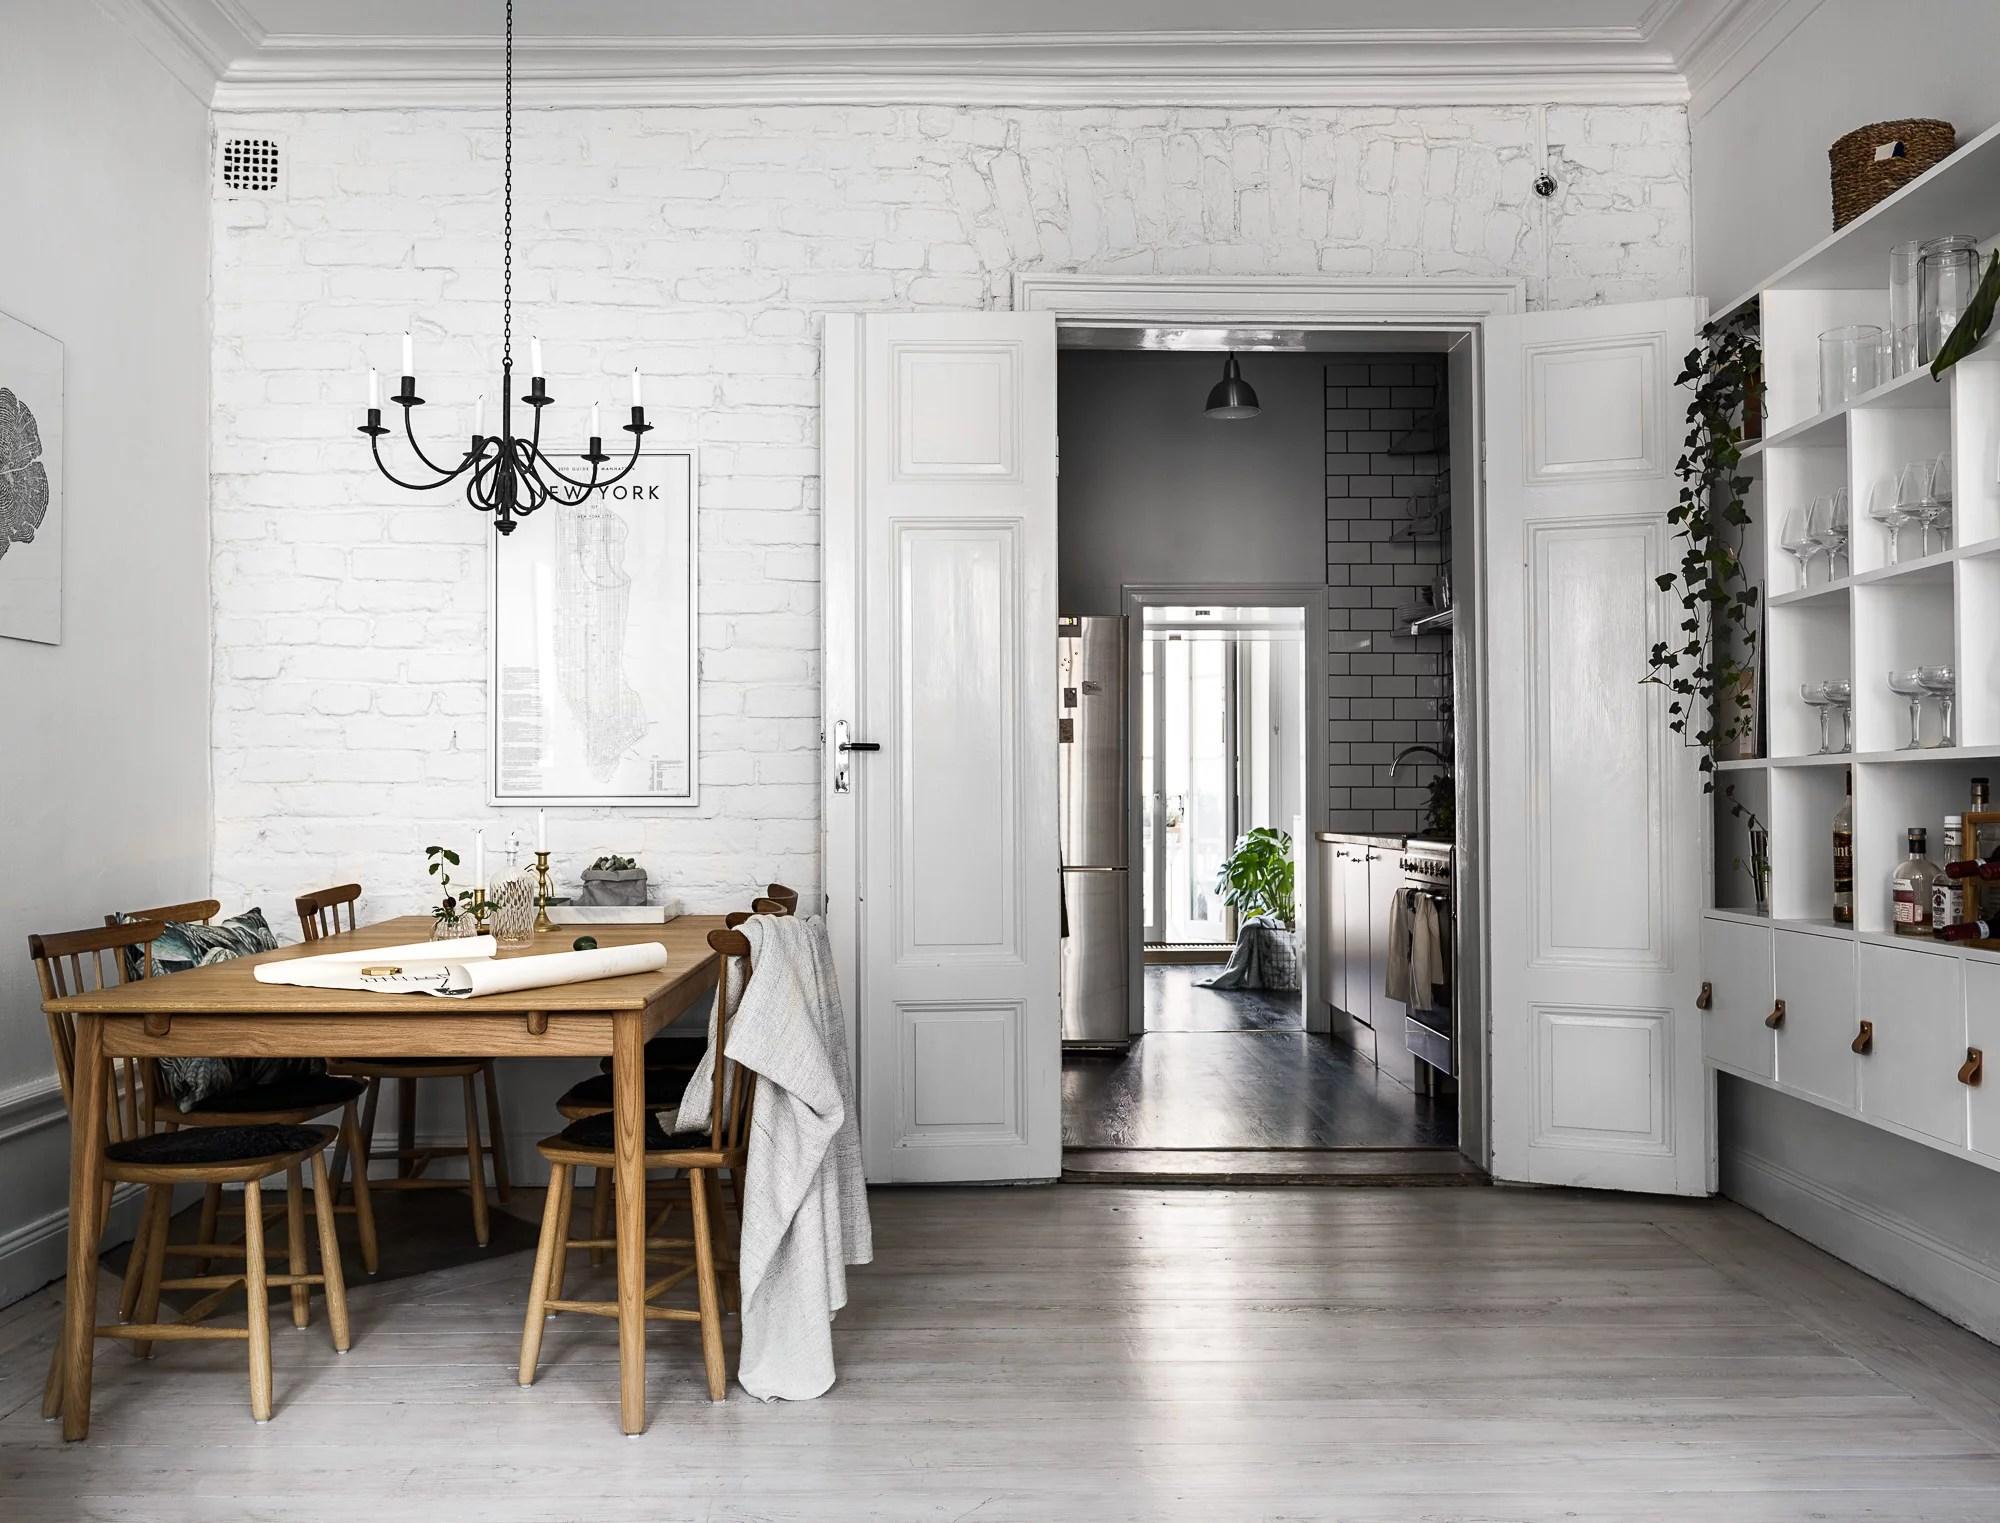 Woonkamer Klein Appartement : Woonkamer met vide inrichten nett inrichting kleine woonkamer